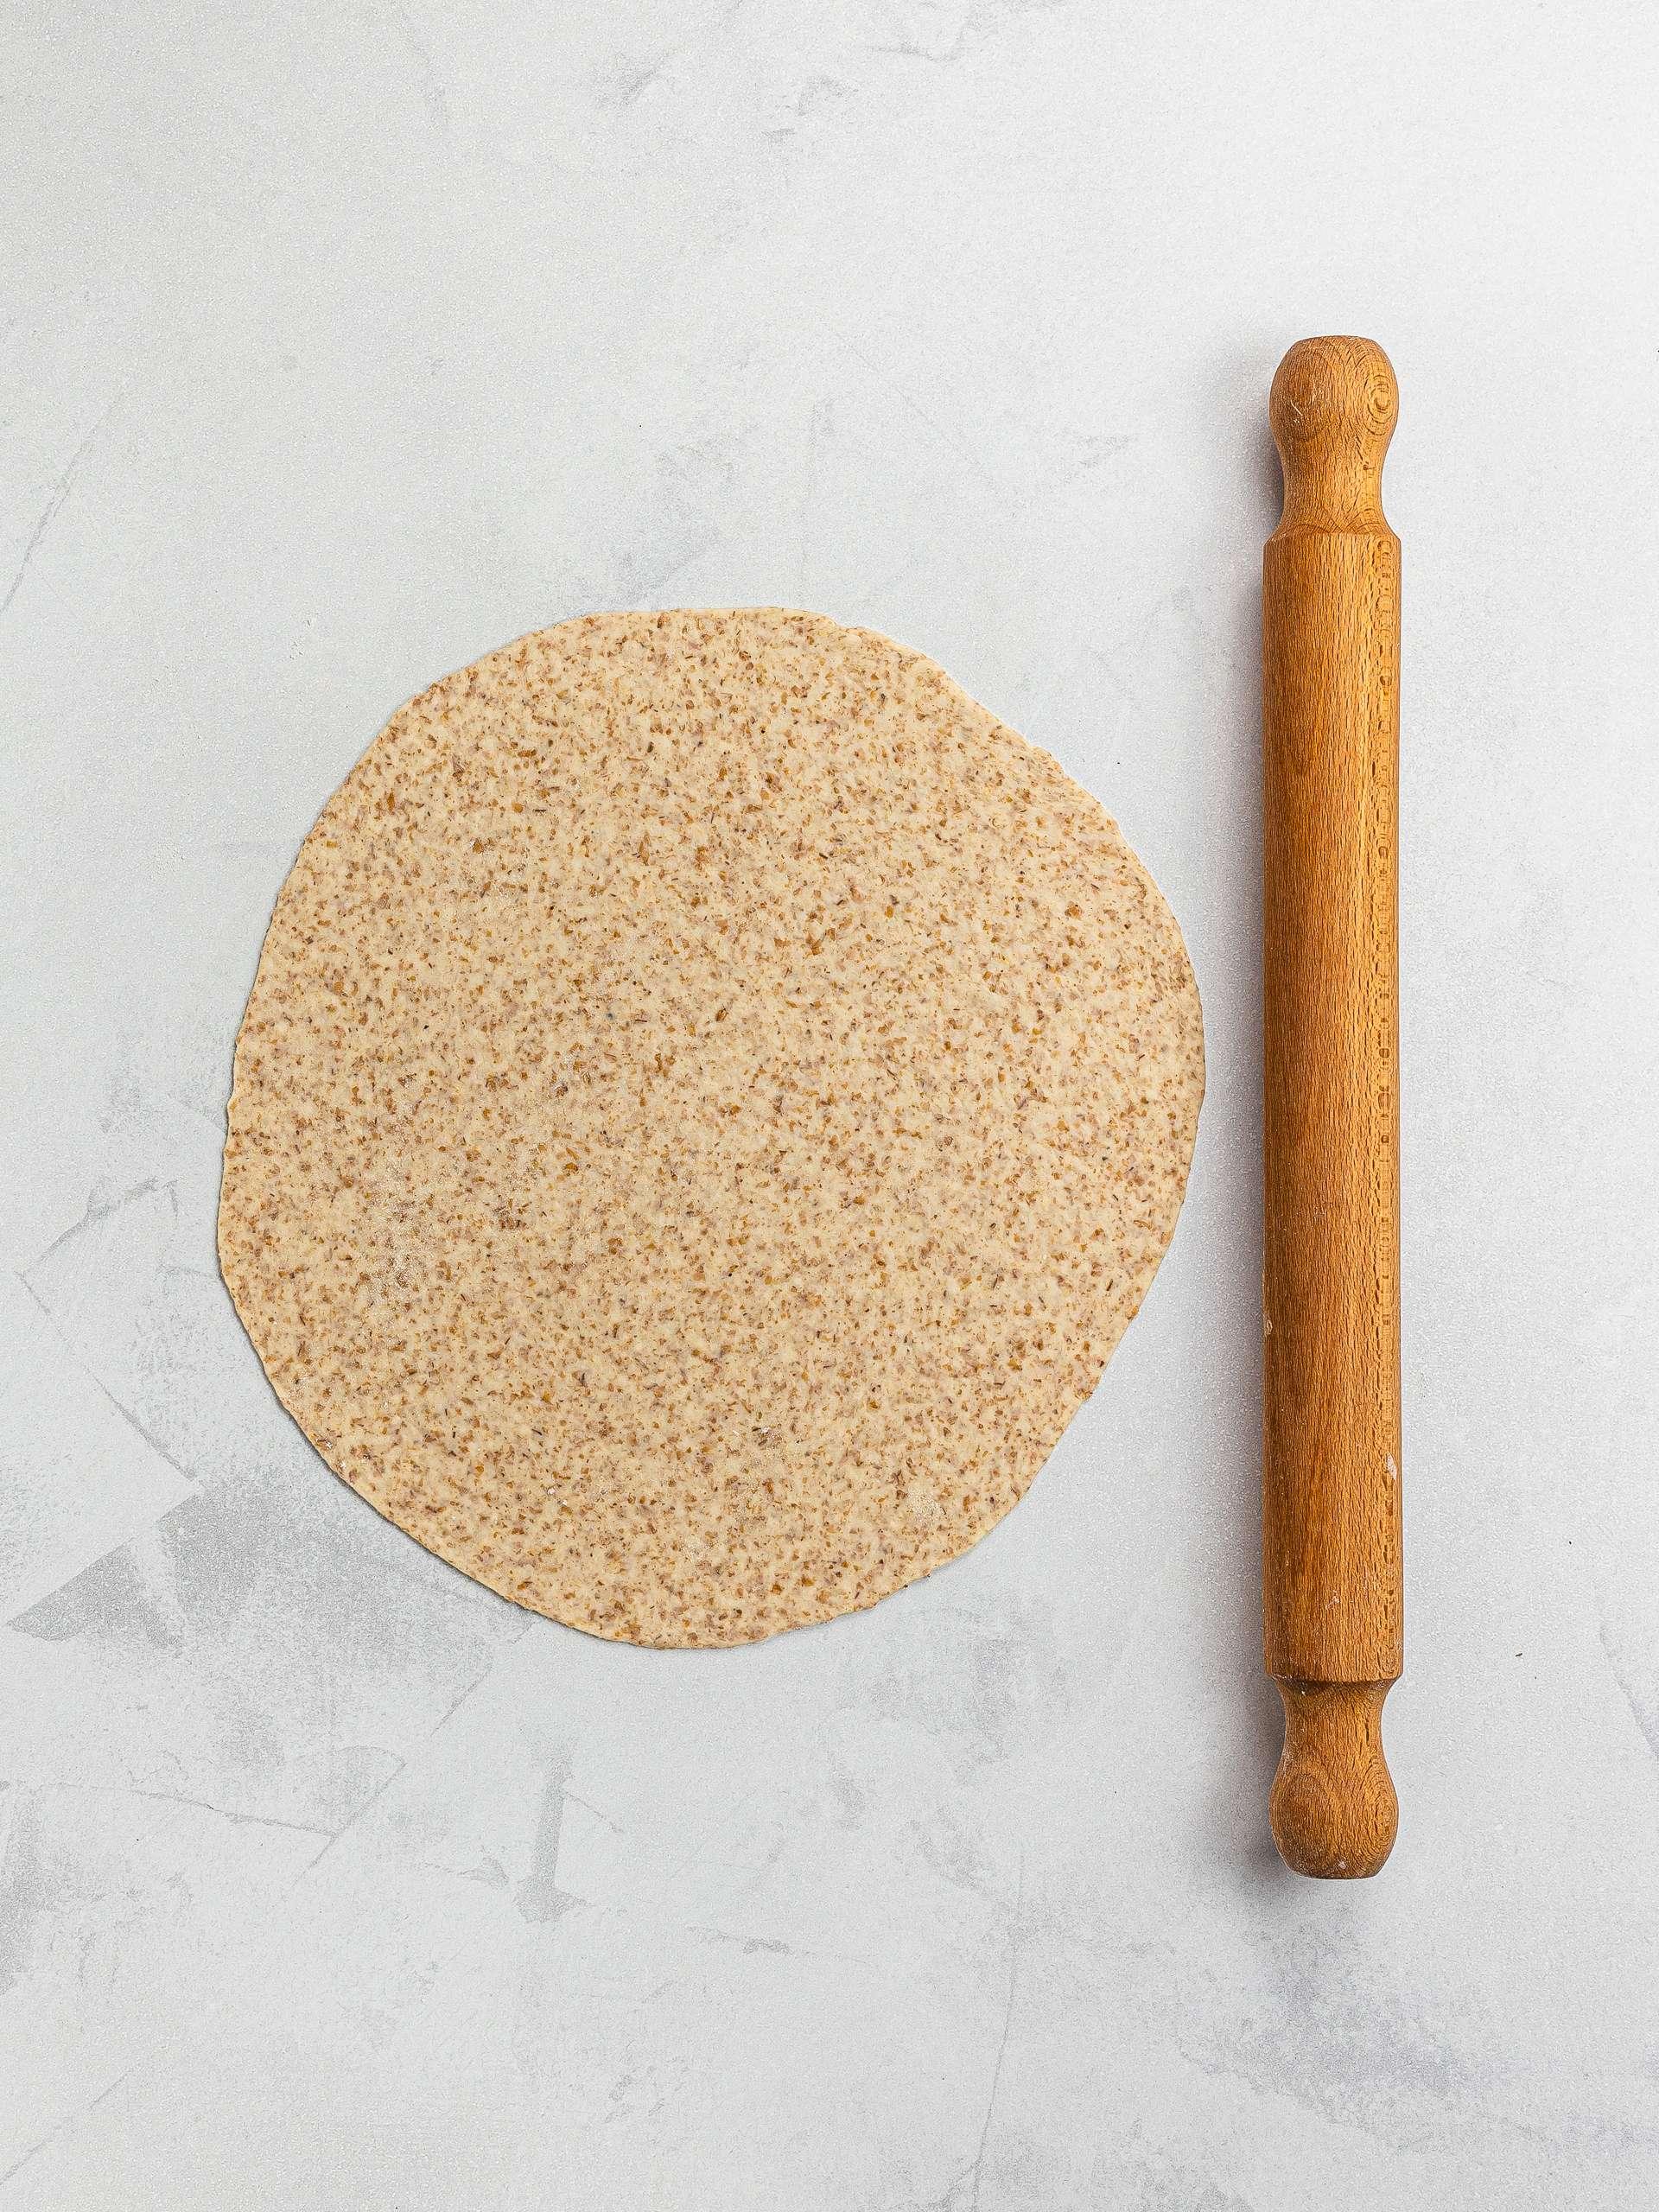 round lavash flatbread